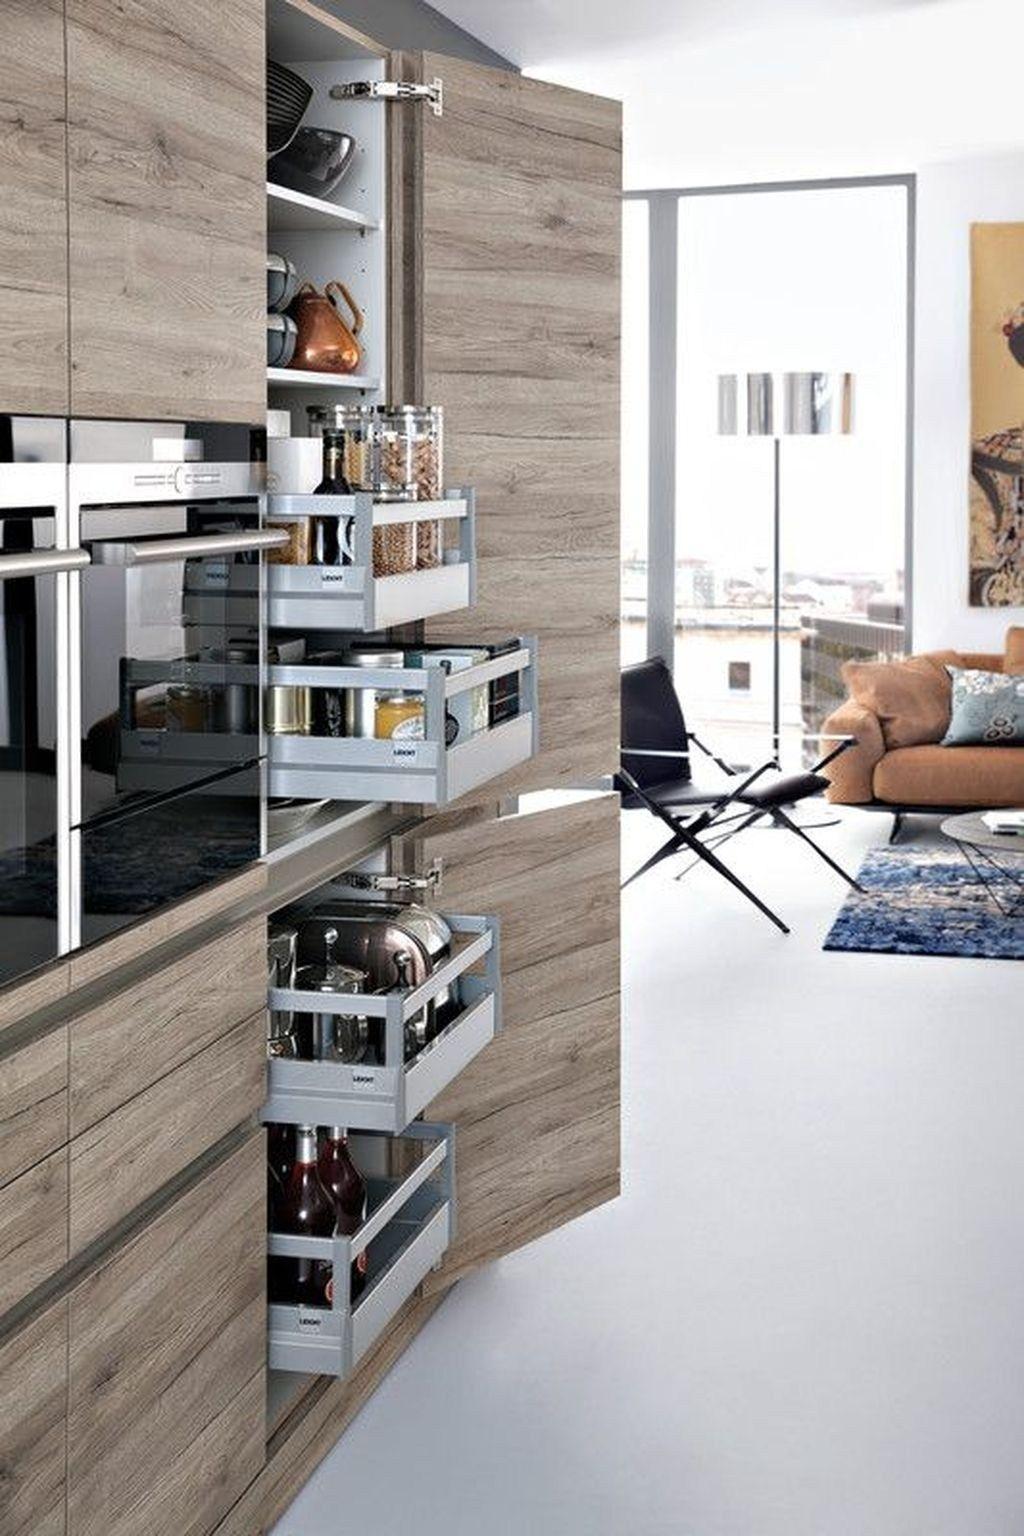 Elegant Contemporary Kitchen Design Ideas 01 Modern Kitchen Design Contemporary Kitchen Design Interior Design Kitchen